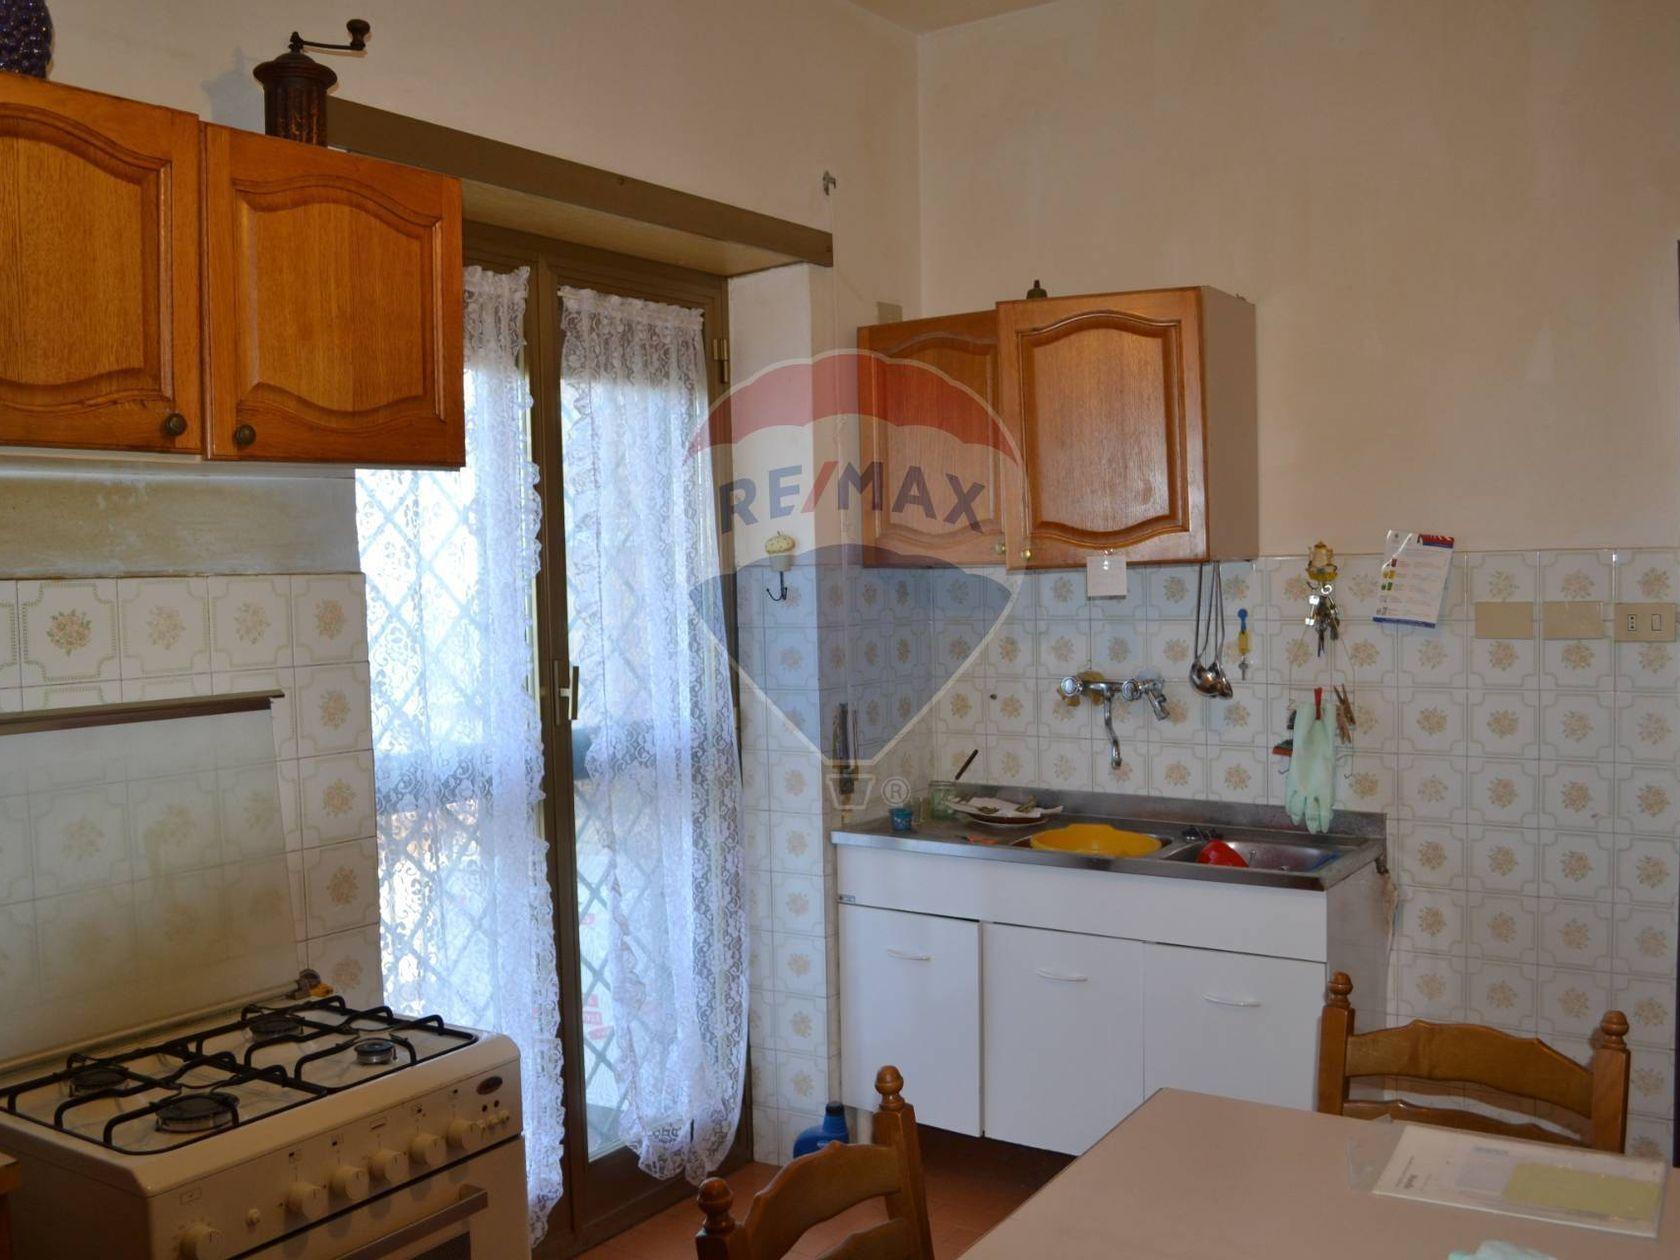 Appartamento San Polo dei Cavalieri, RM Vendita - Foto 11